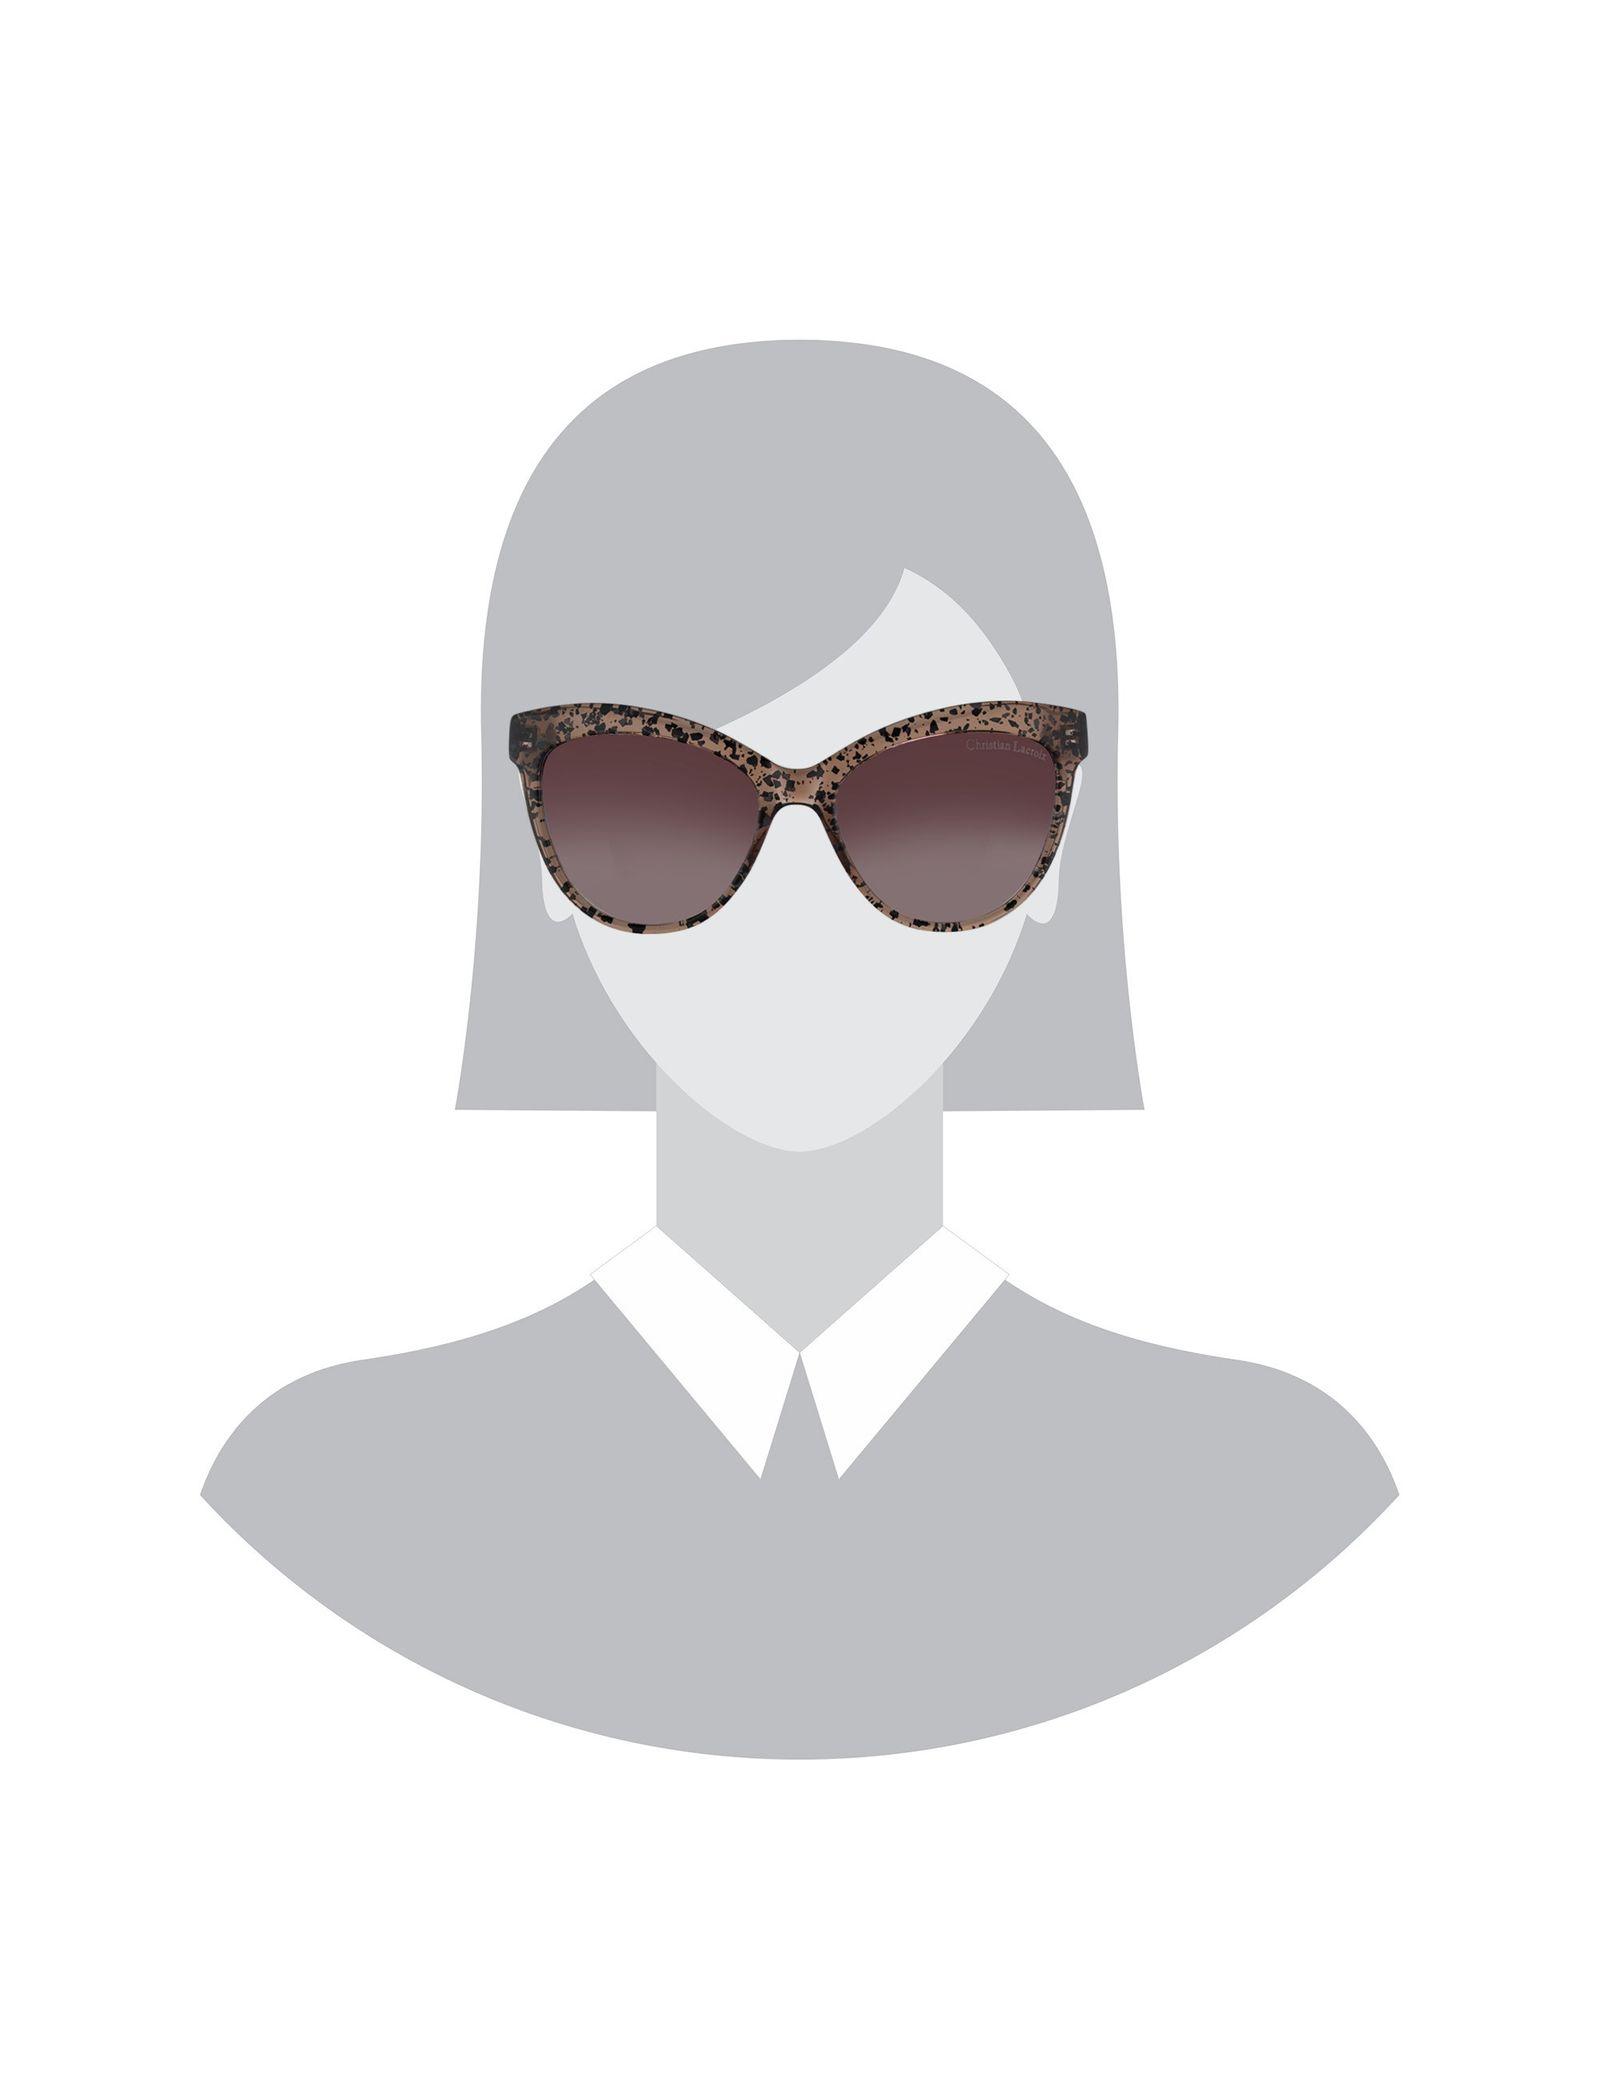 عینک آفتابی گربه ای زنانه - کریستین لاکروآ - کاراملي شفاف - 5